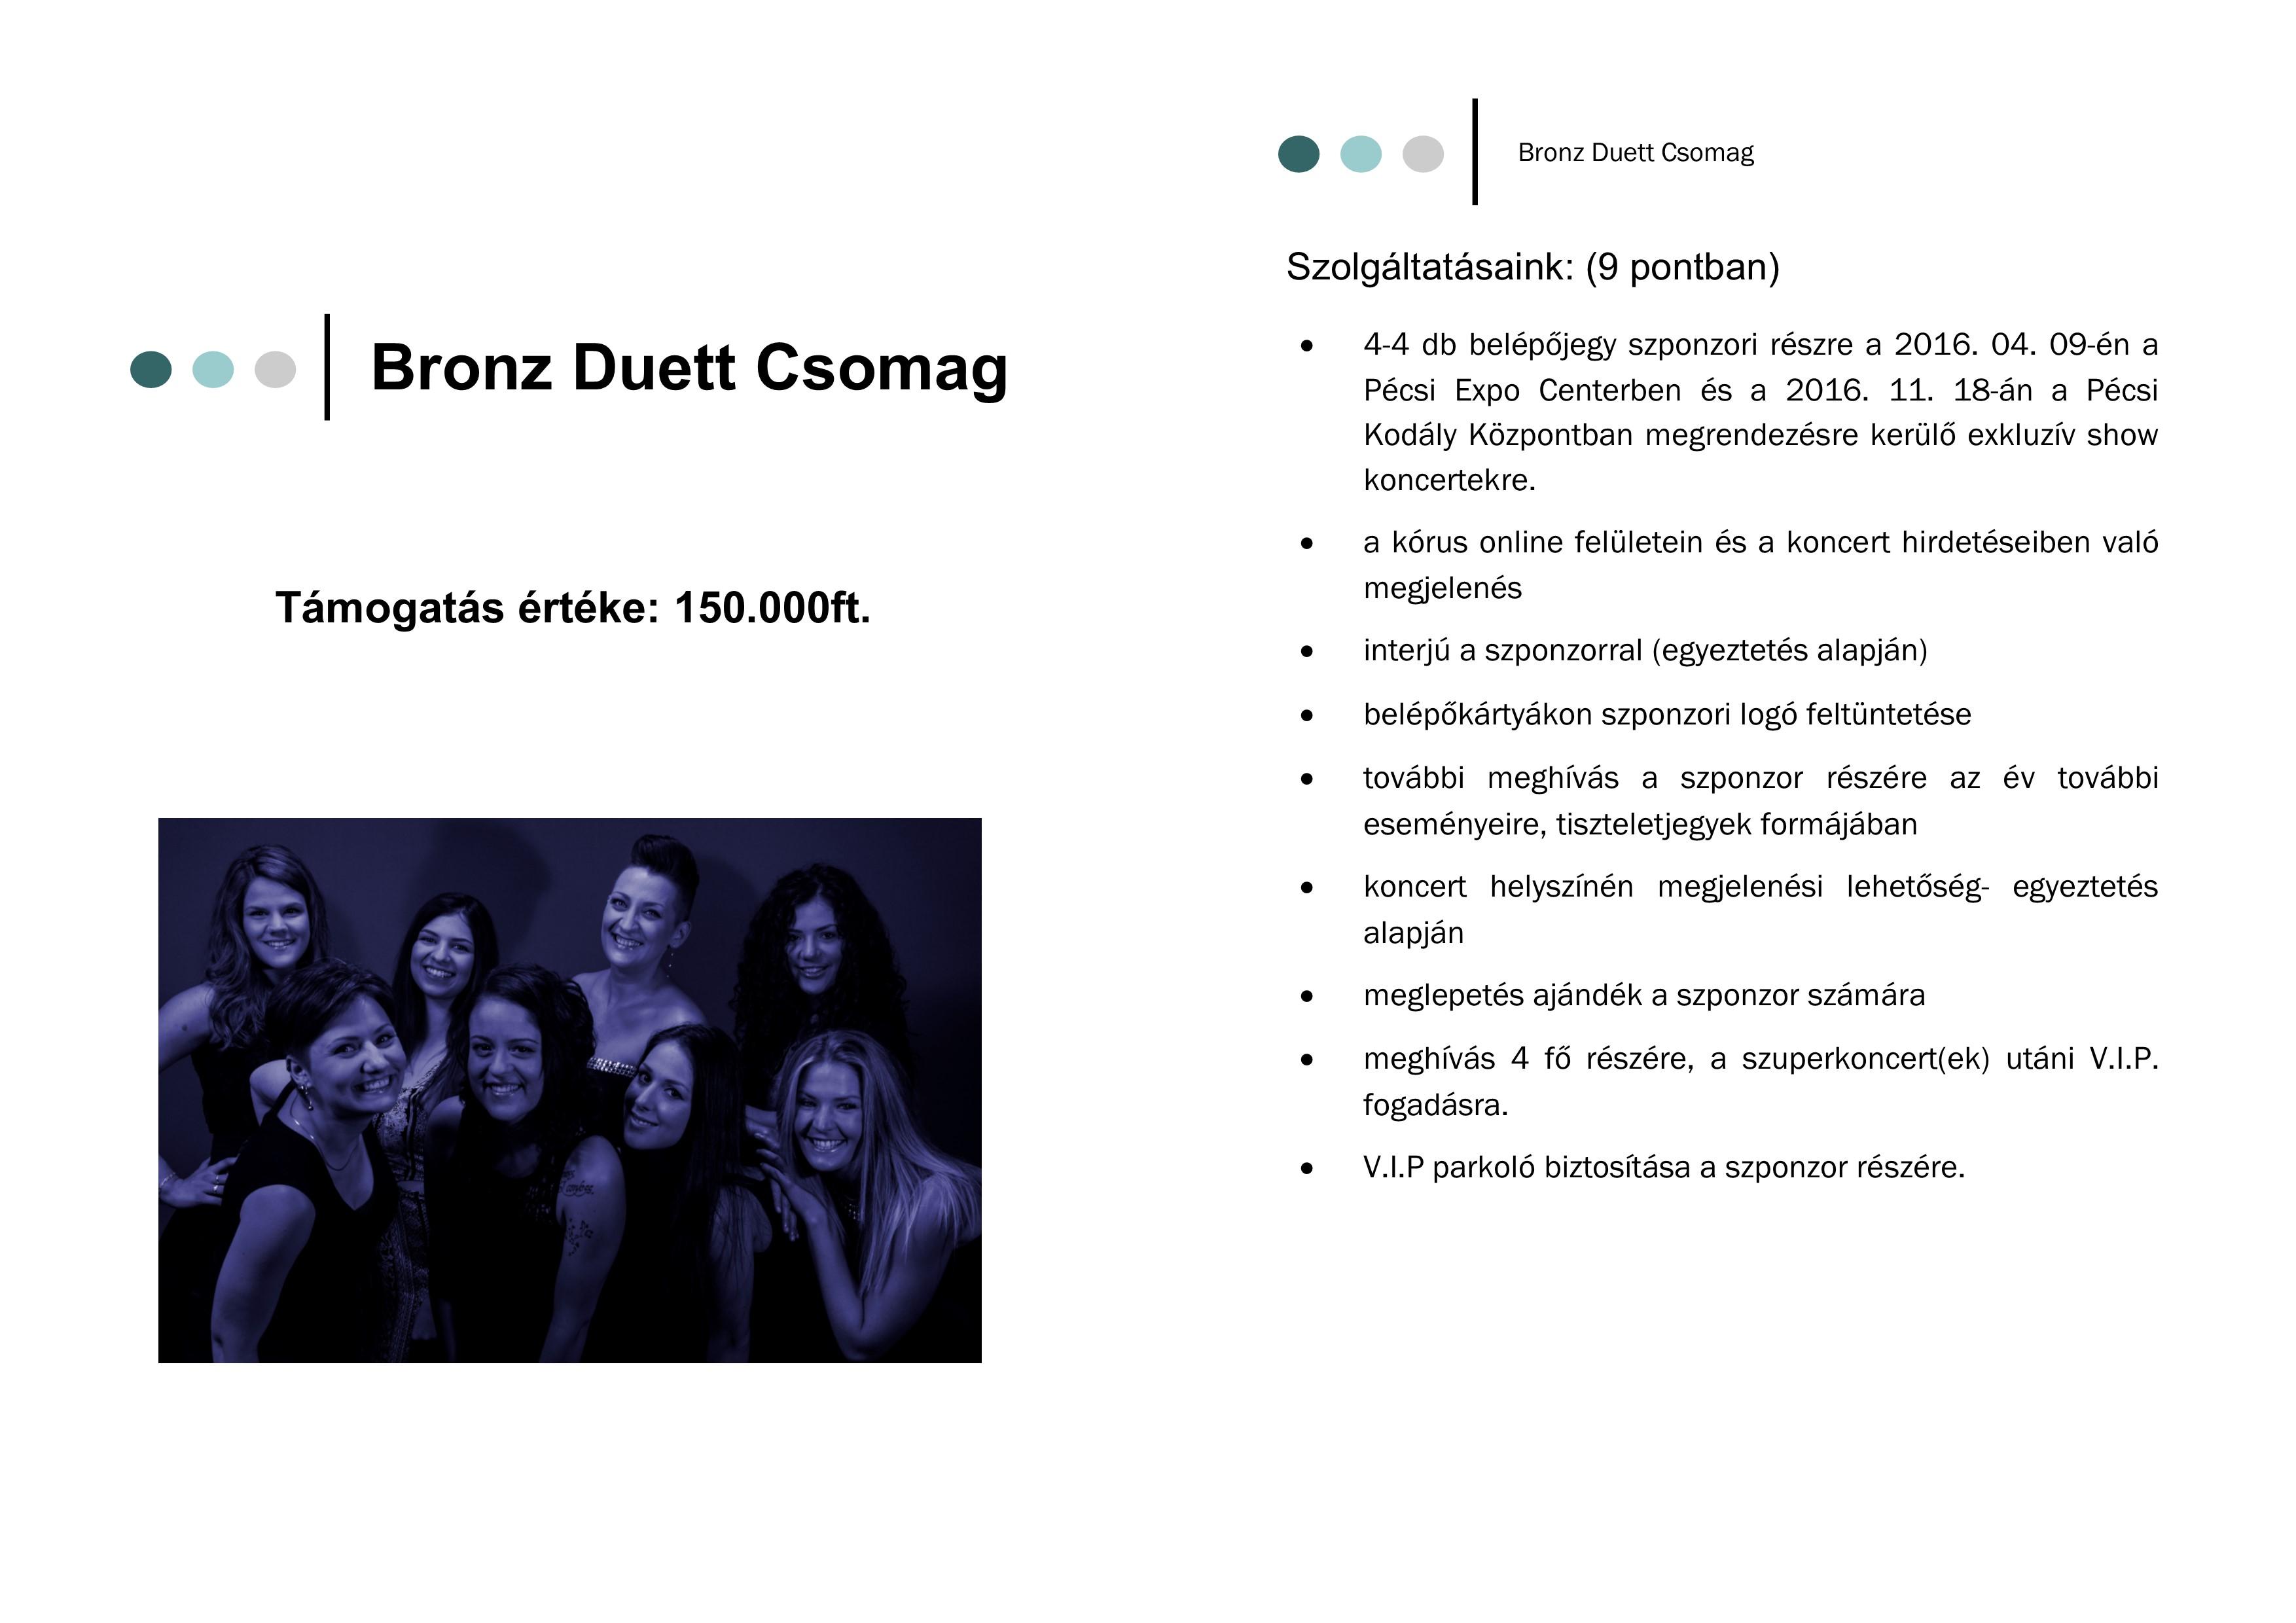 bronz_duett_csomag_1.jpg